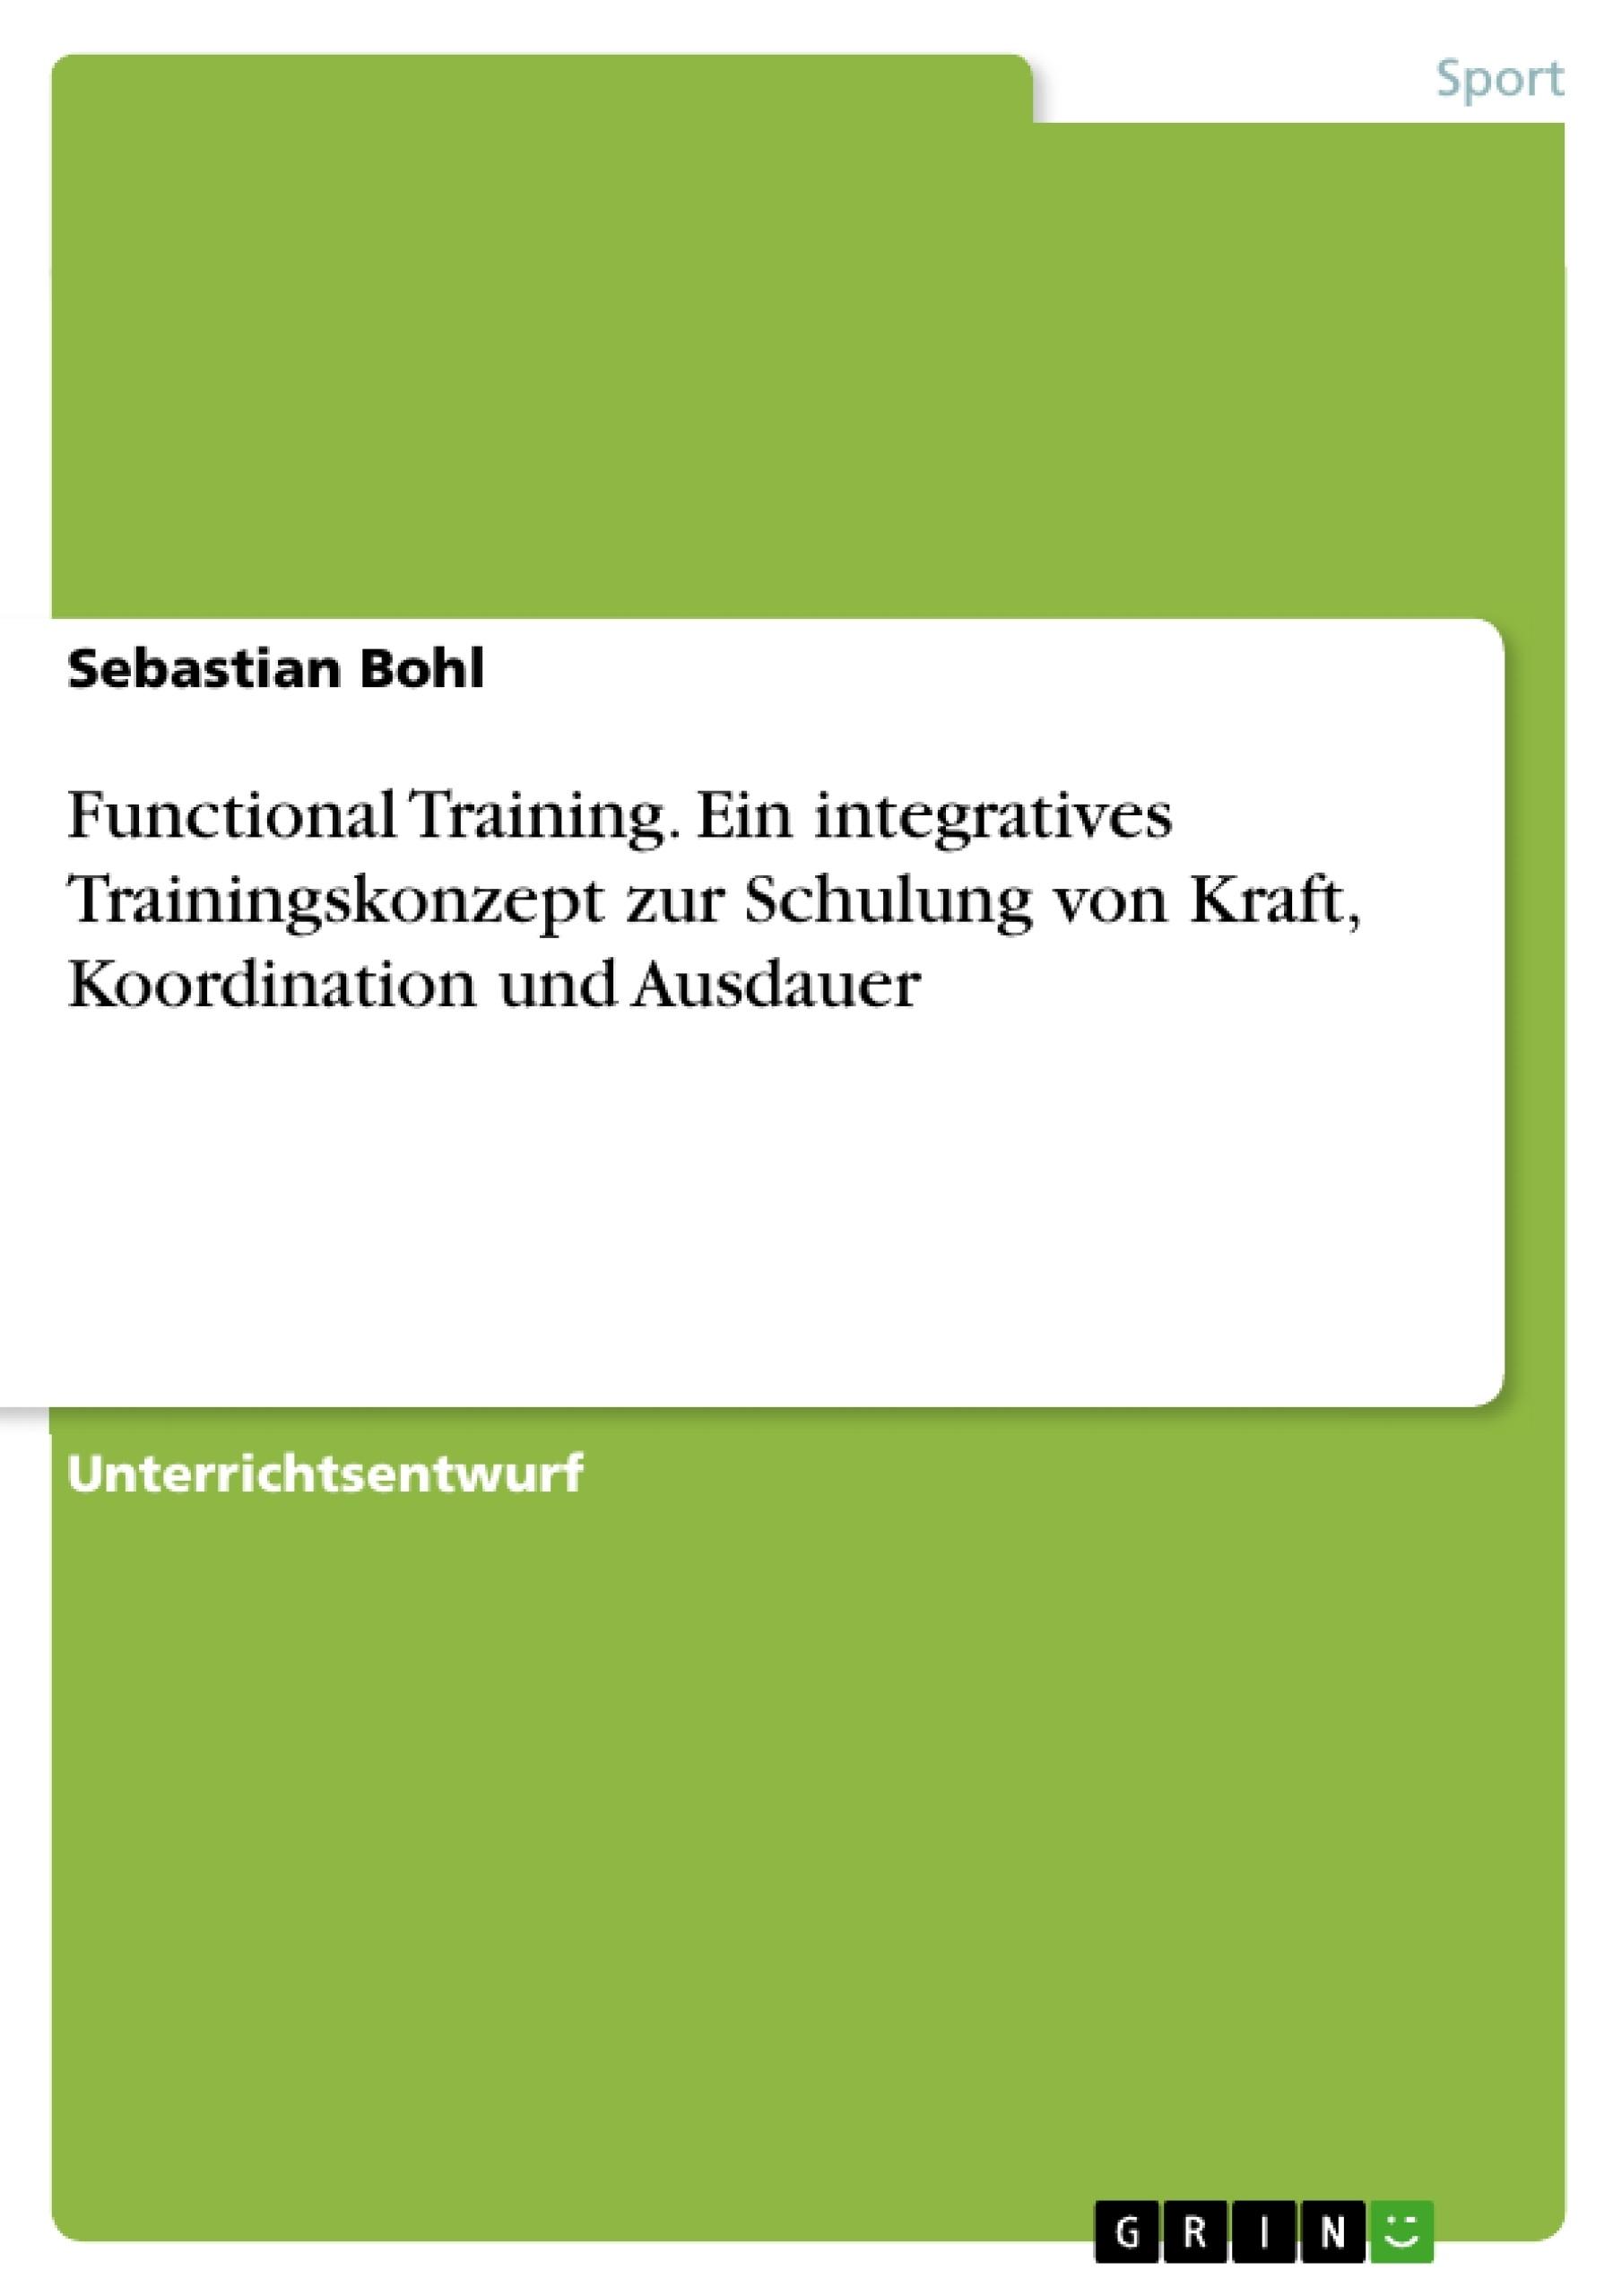 Titel: Functional Training. Ein integratives Trainingskonzept zur Schulung von Kraft, Koordination und Ausdauer